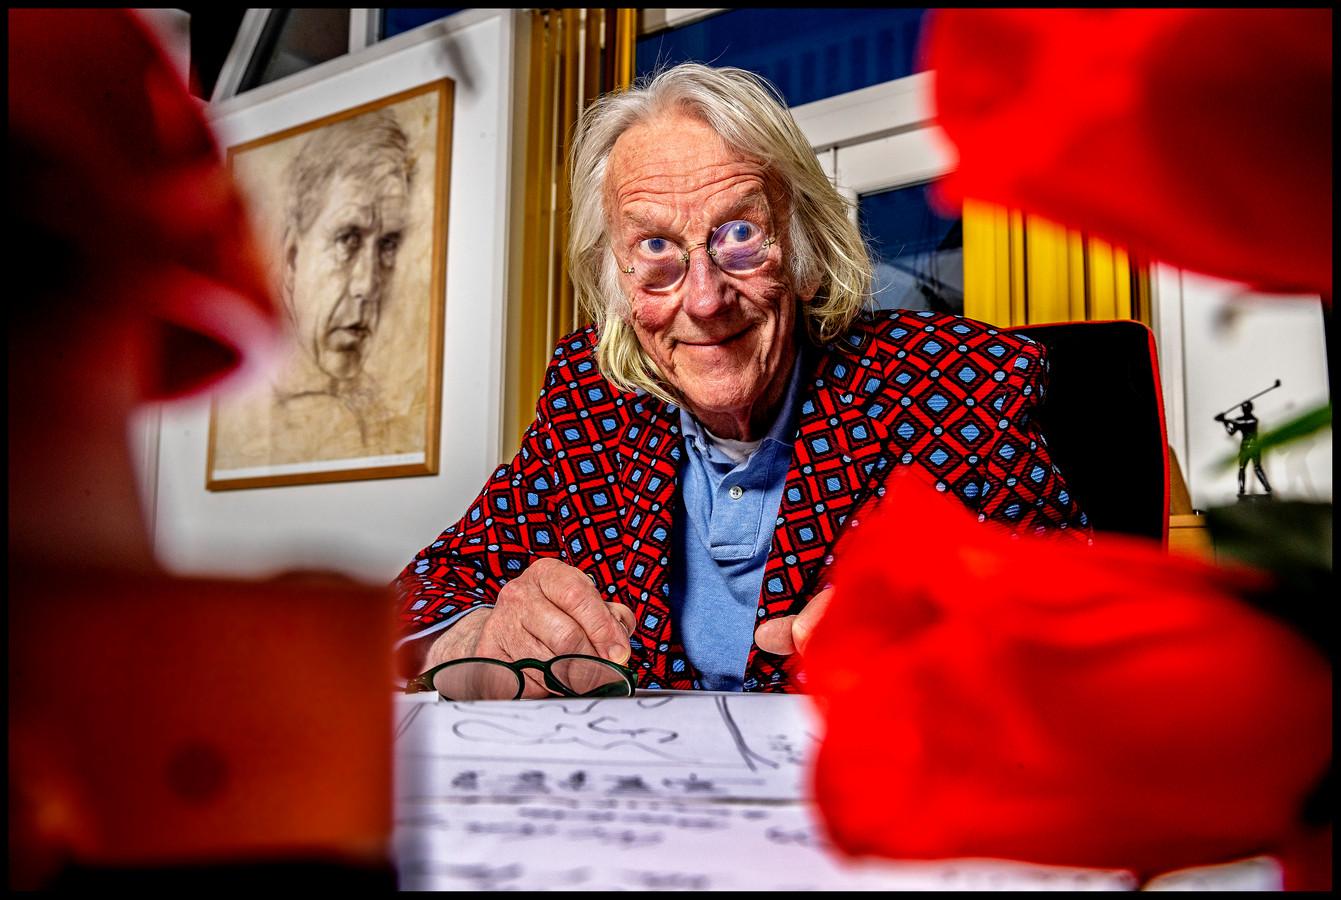 Freek de Jonge thuis in Muiderberg in voorbereiding op zijn verkiezingsconference De Loterij.